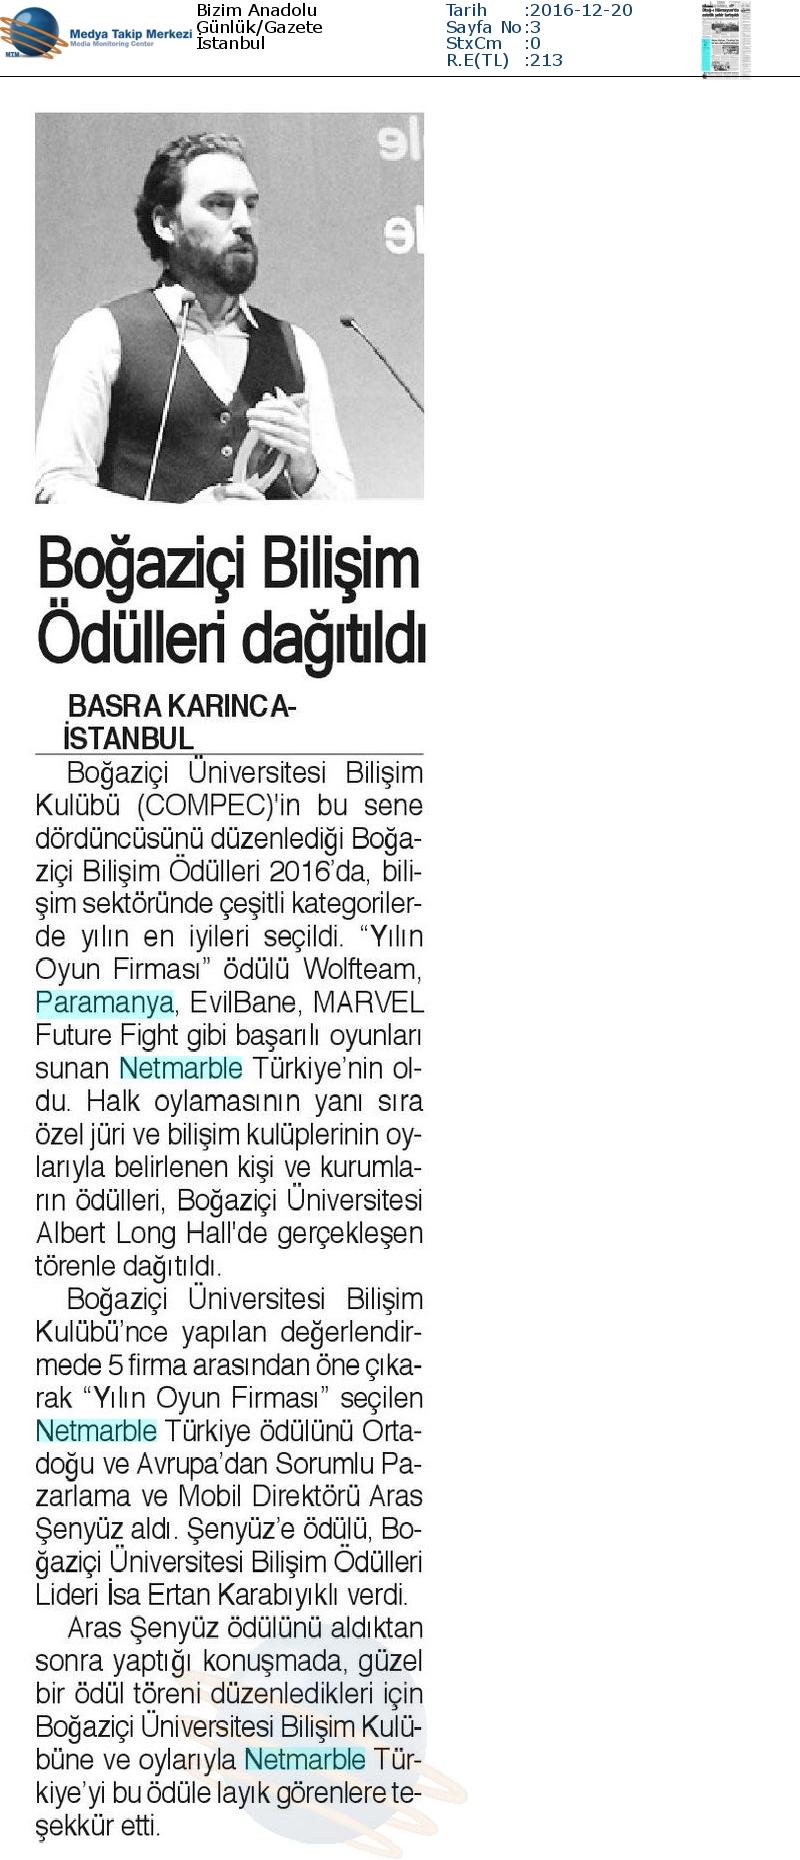 Bizim Anadolu Gazetesi'nde Boğaziçi Bilişim Ödüllerini Dağıttı